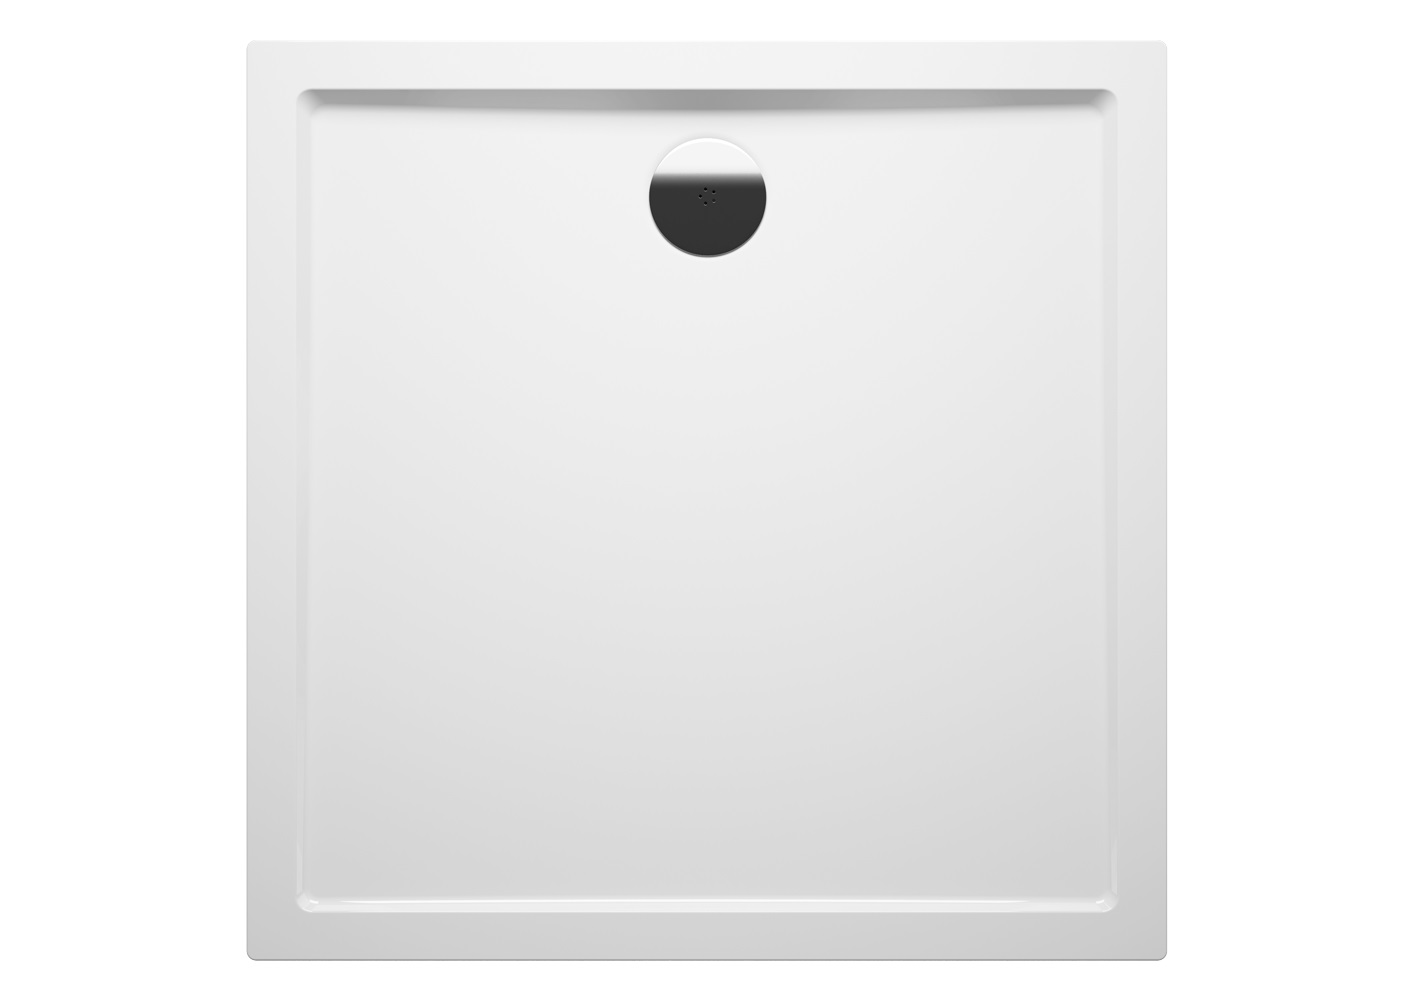 Акриловый душевой поддон Riho Zurich 260 100x100 белый DA6800500000000